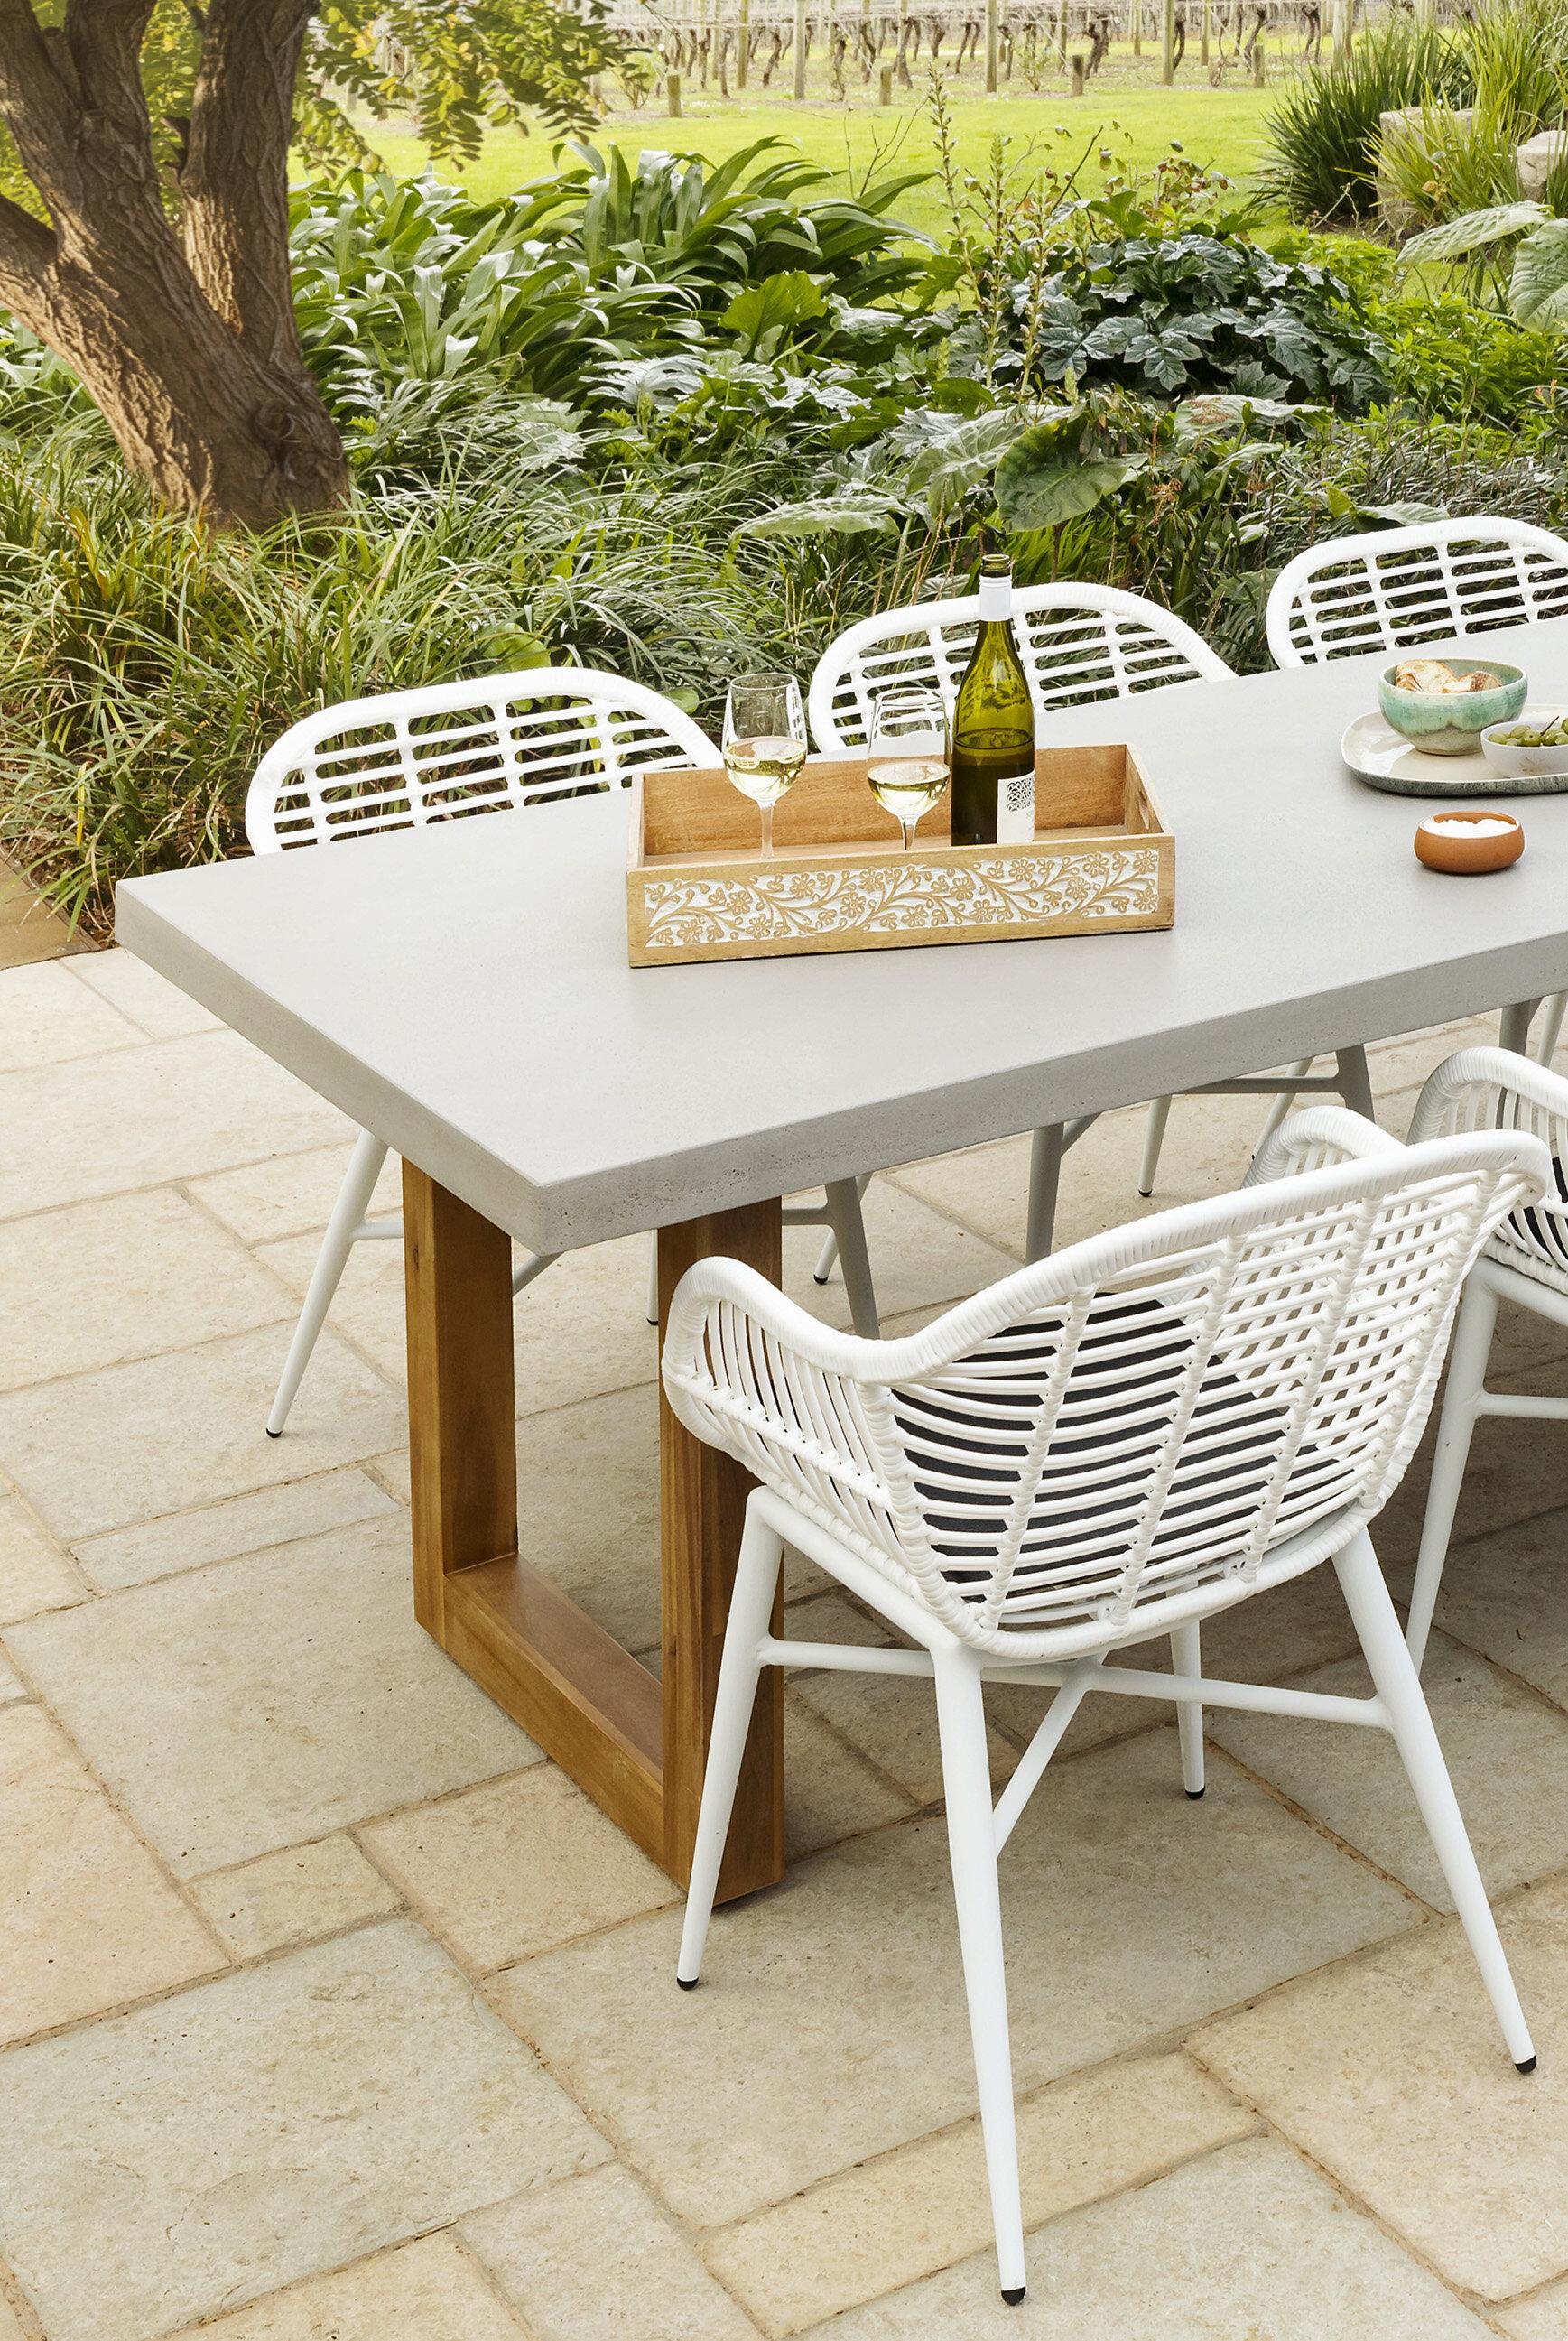 ADORE_BLOG_90013396 90015303 Marson Table & Deck Tub Chair White copy.jpg